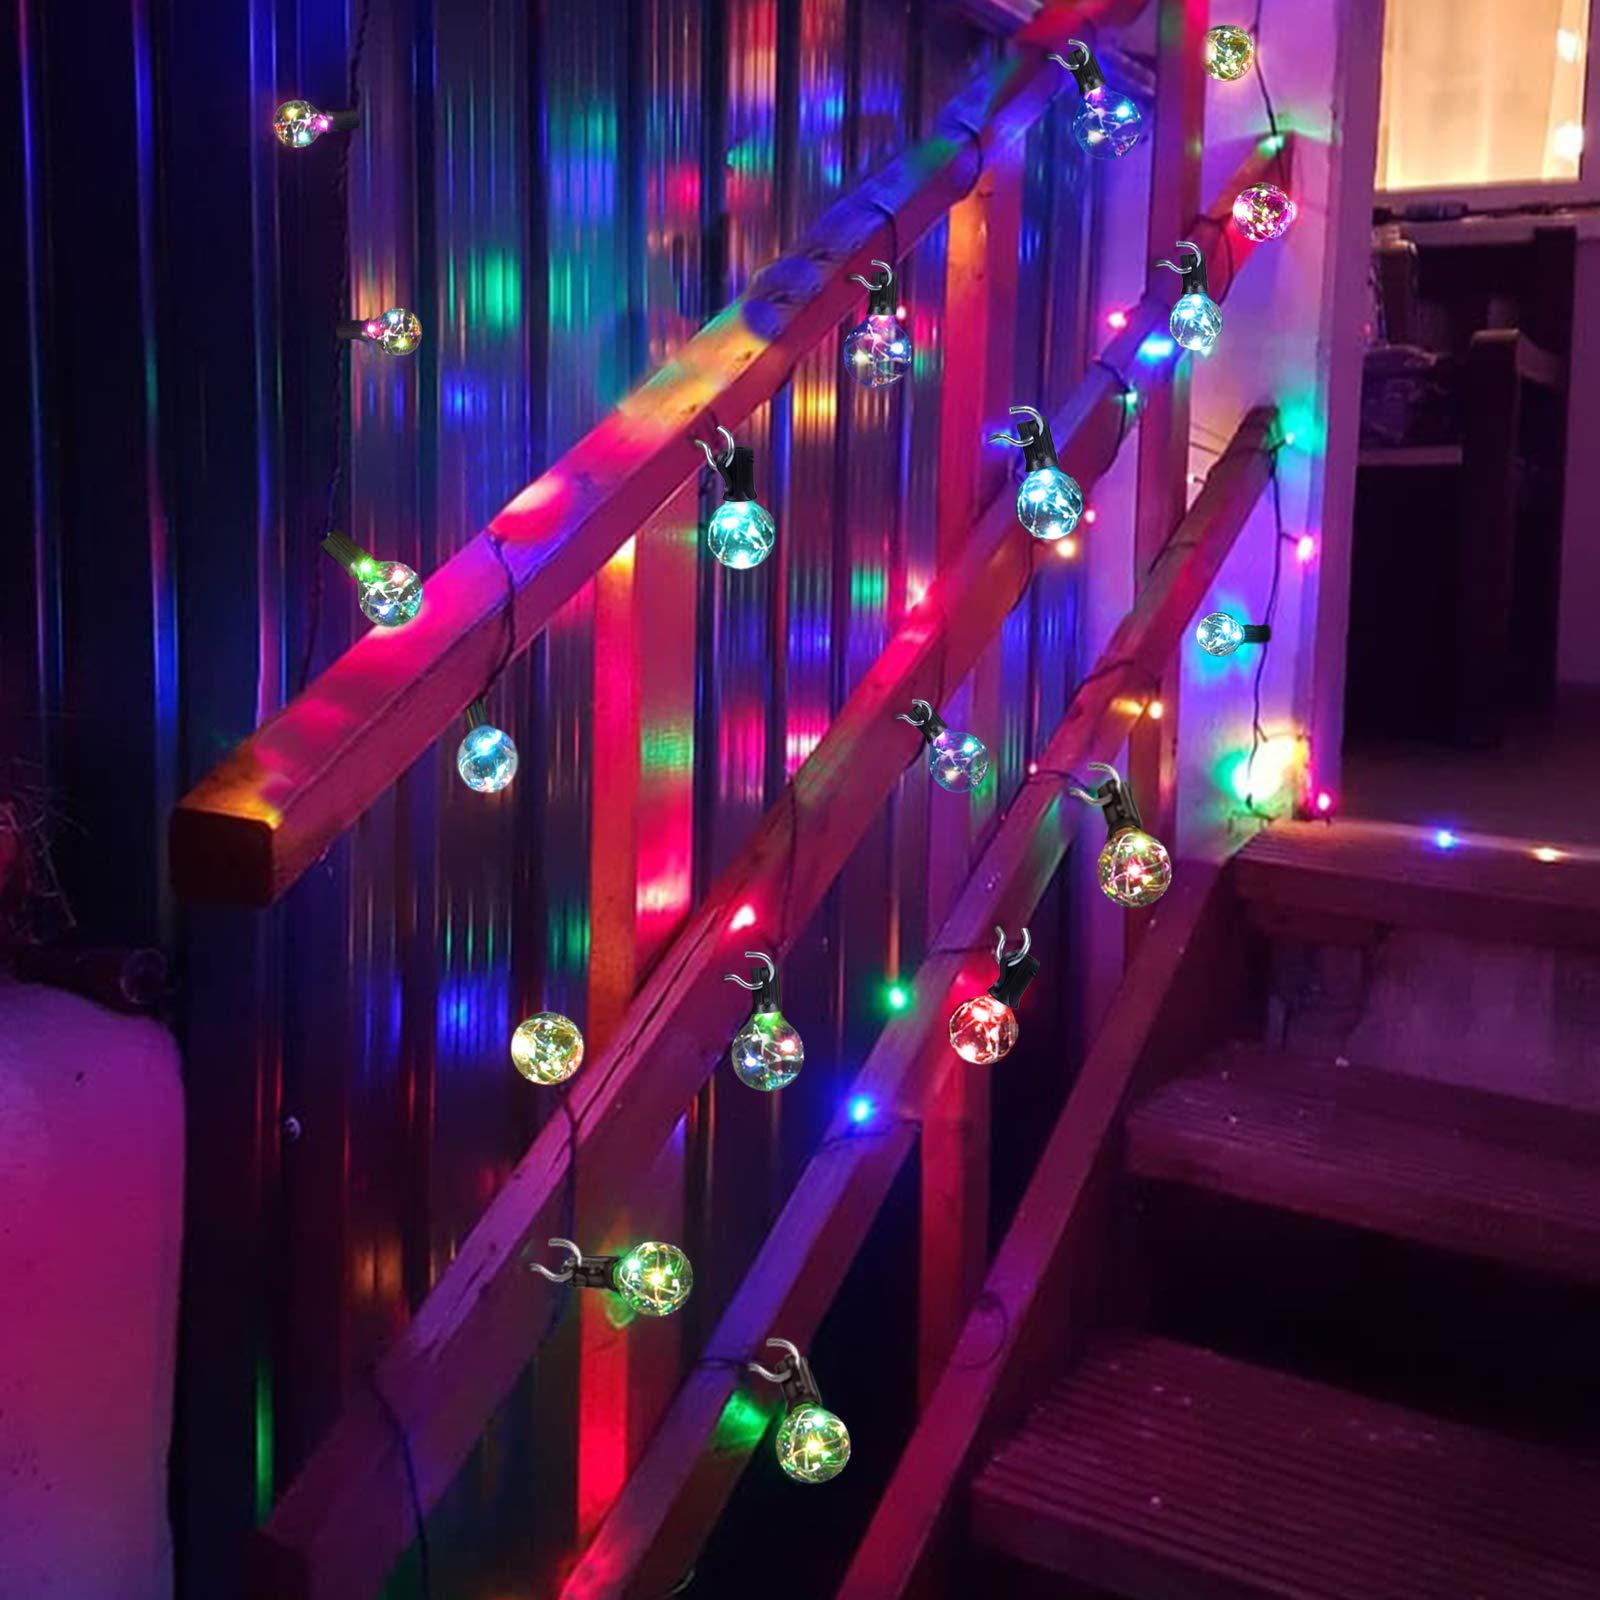 Weihnachtsbeleuchtung Aussen Ersatzbirnen.50 Discount On Led Lichterkette Bunt Innen Außen Strombetrieben